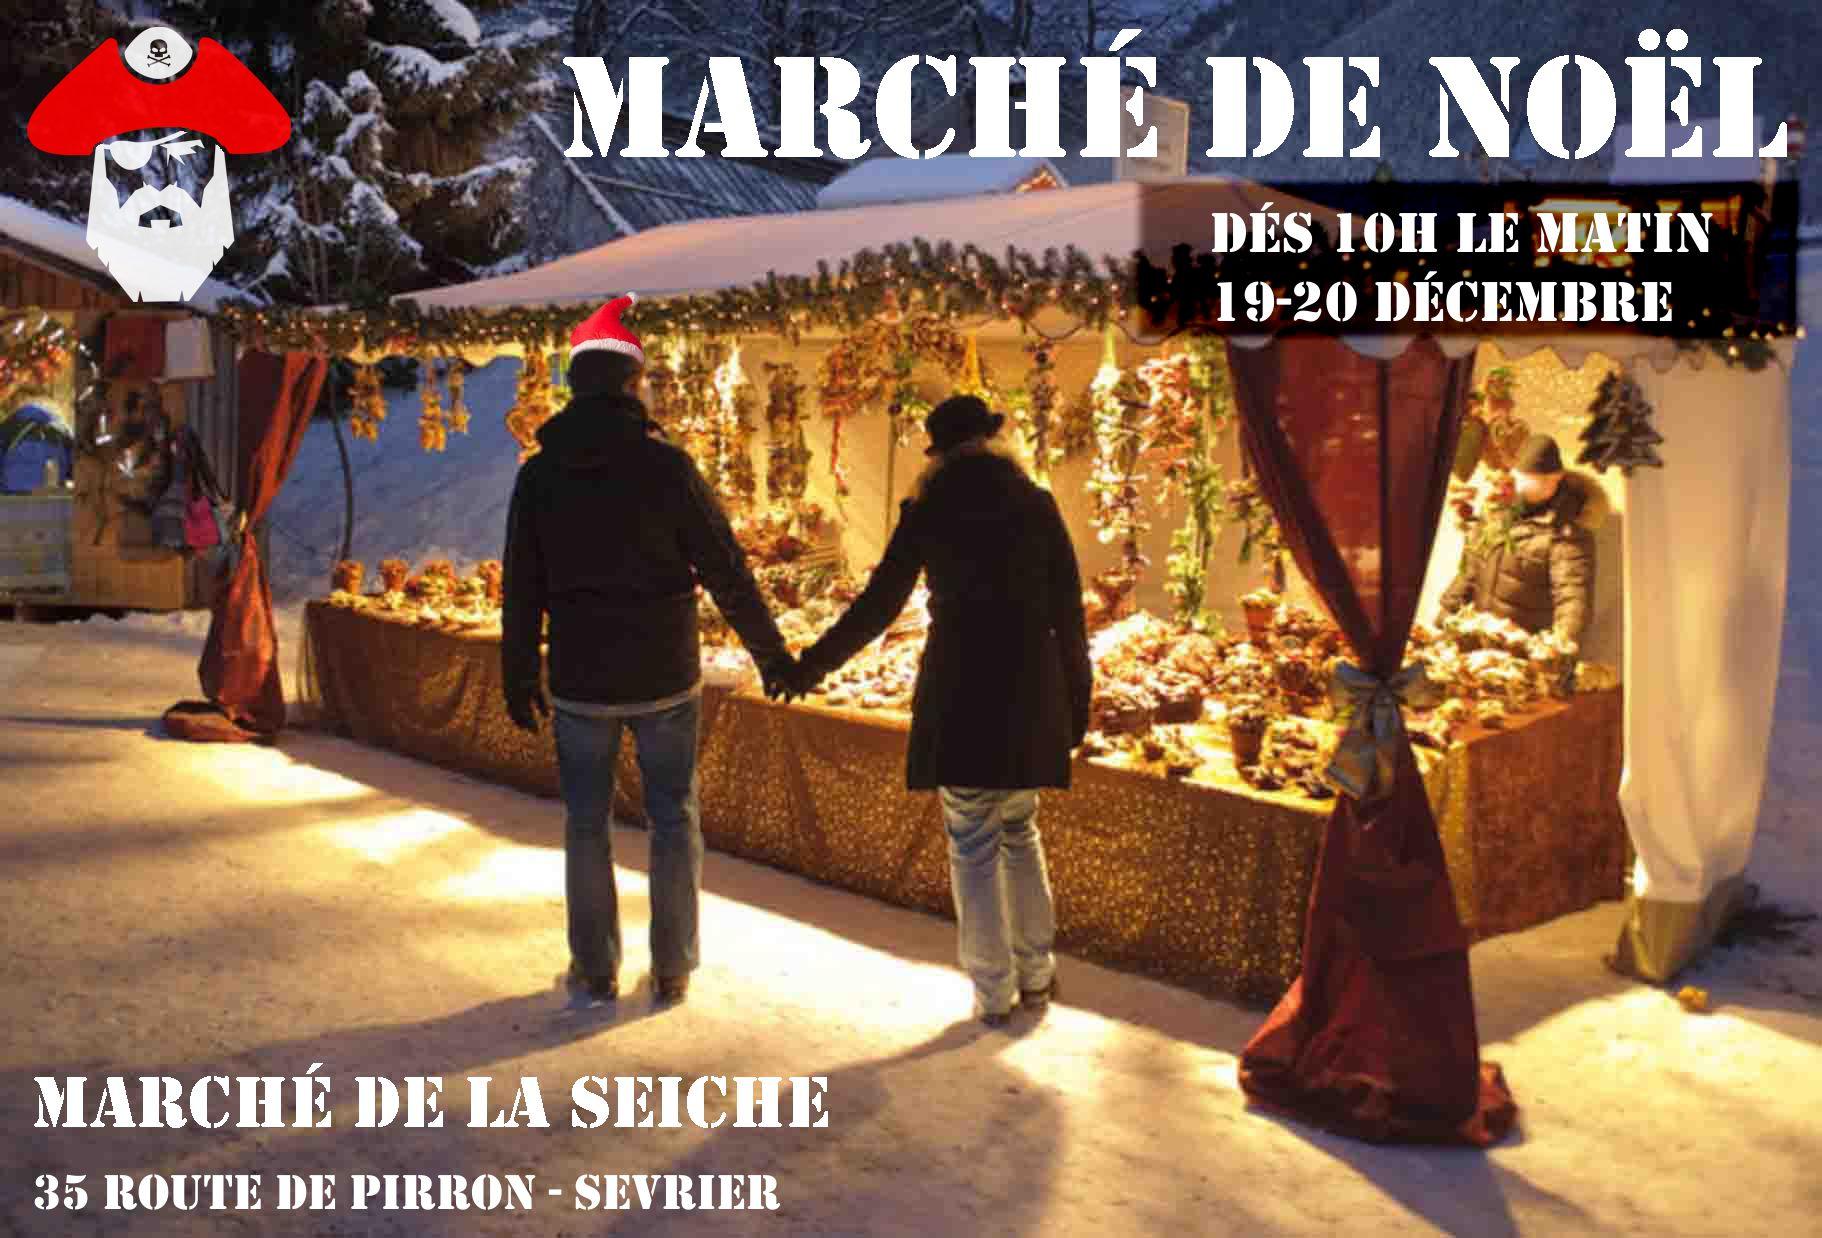 Marché de noël - La seiche - Sévrier Annecy -19 20 décembre